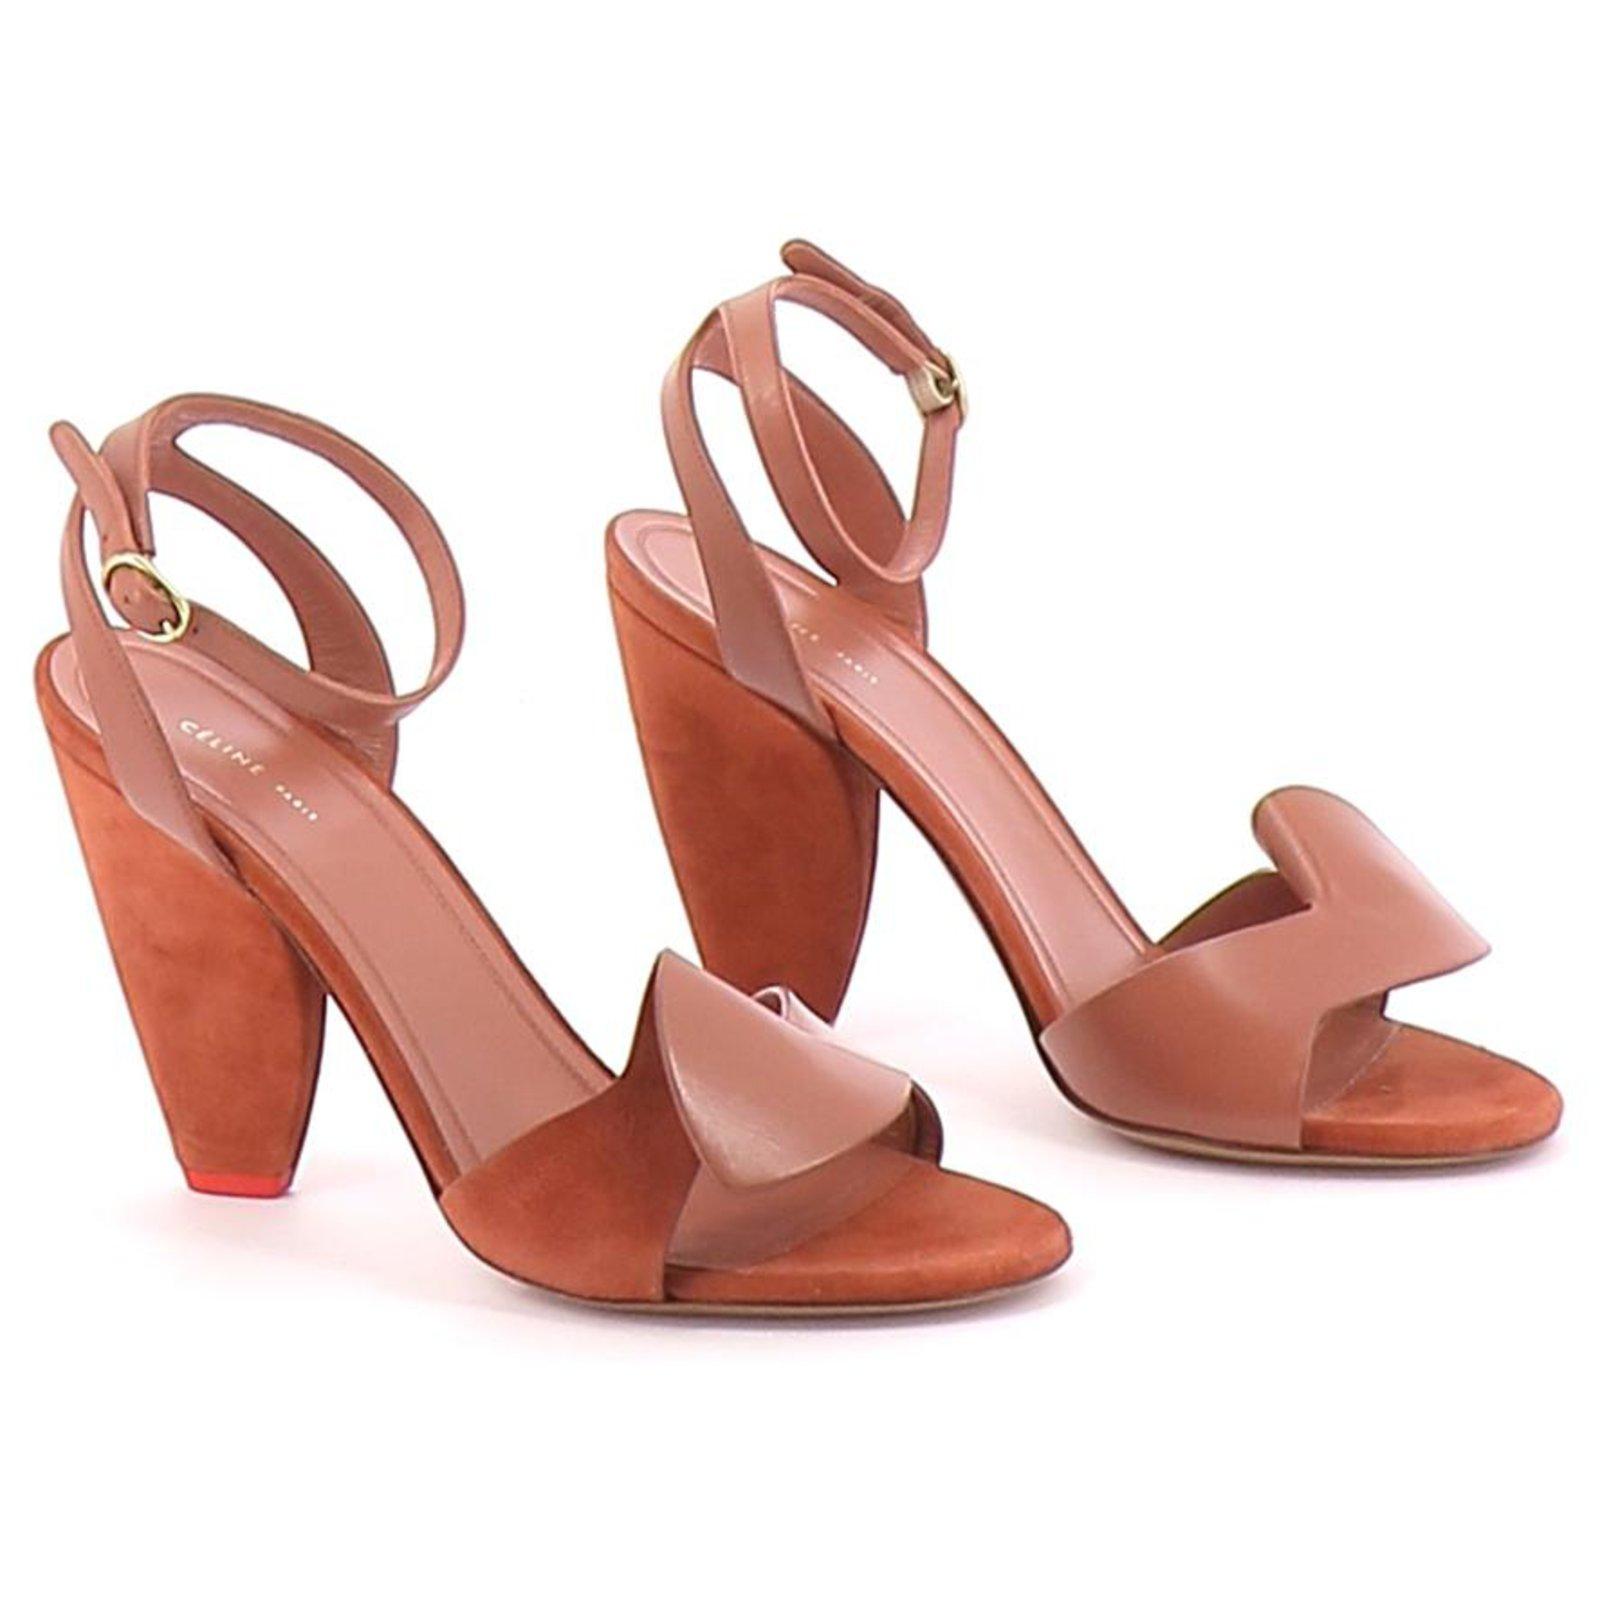 Céline sandals Sandals Leather Brown